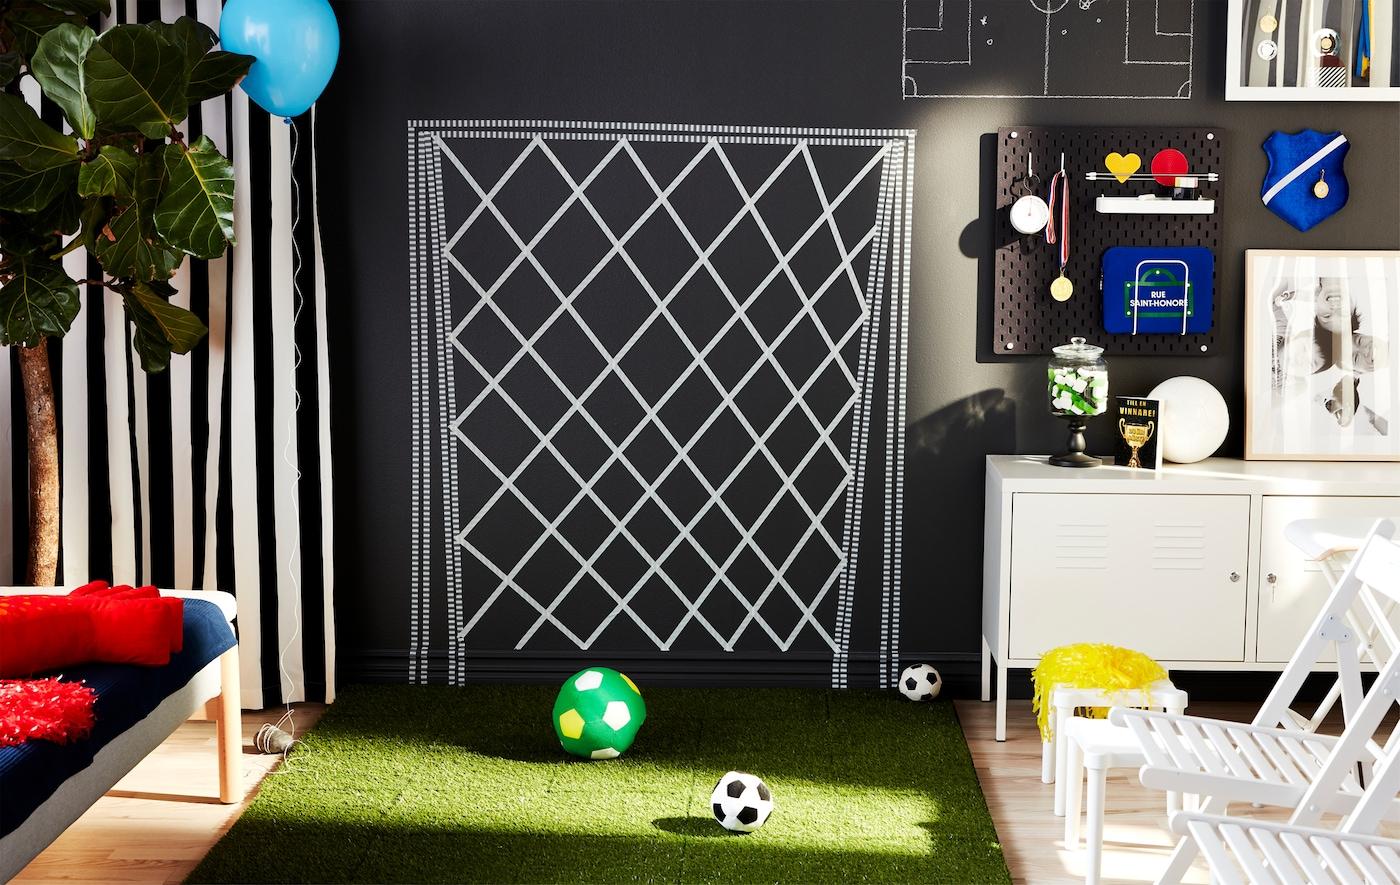 Cameră de zi cu poartă de fotbal lipită de perete, un petic de iarbă artificială, mingi, scaune și alte articole reprezentative pentru suporteri.